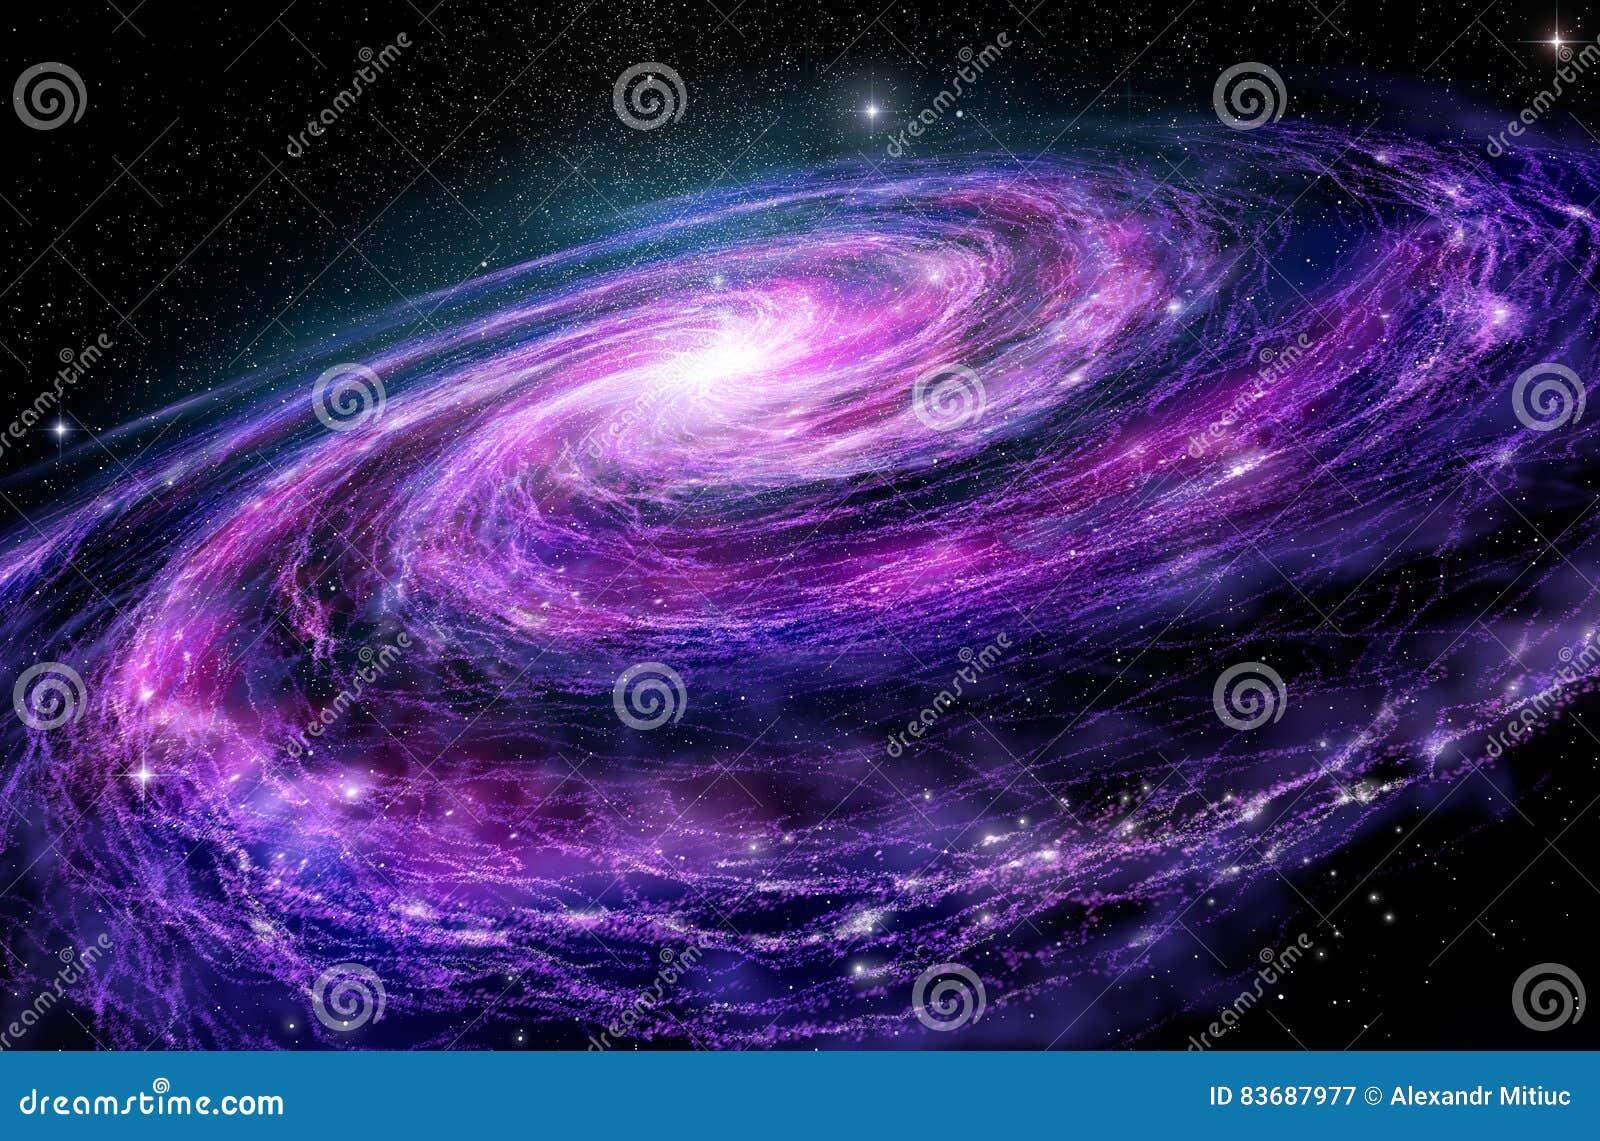 Ilustração Gratis Espaço Todos Os Universo Cosmos: Galáxia Espiral, Ilustração 3D Do Espaço Profundo